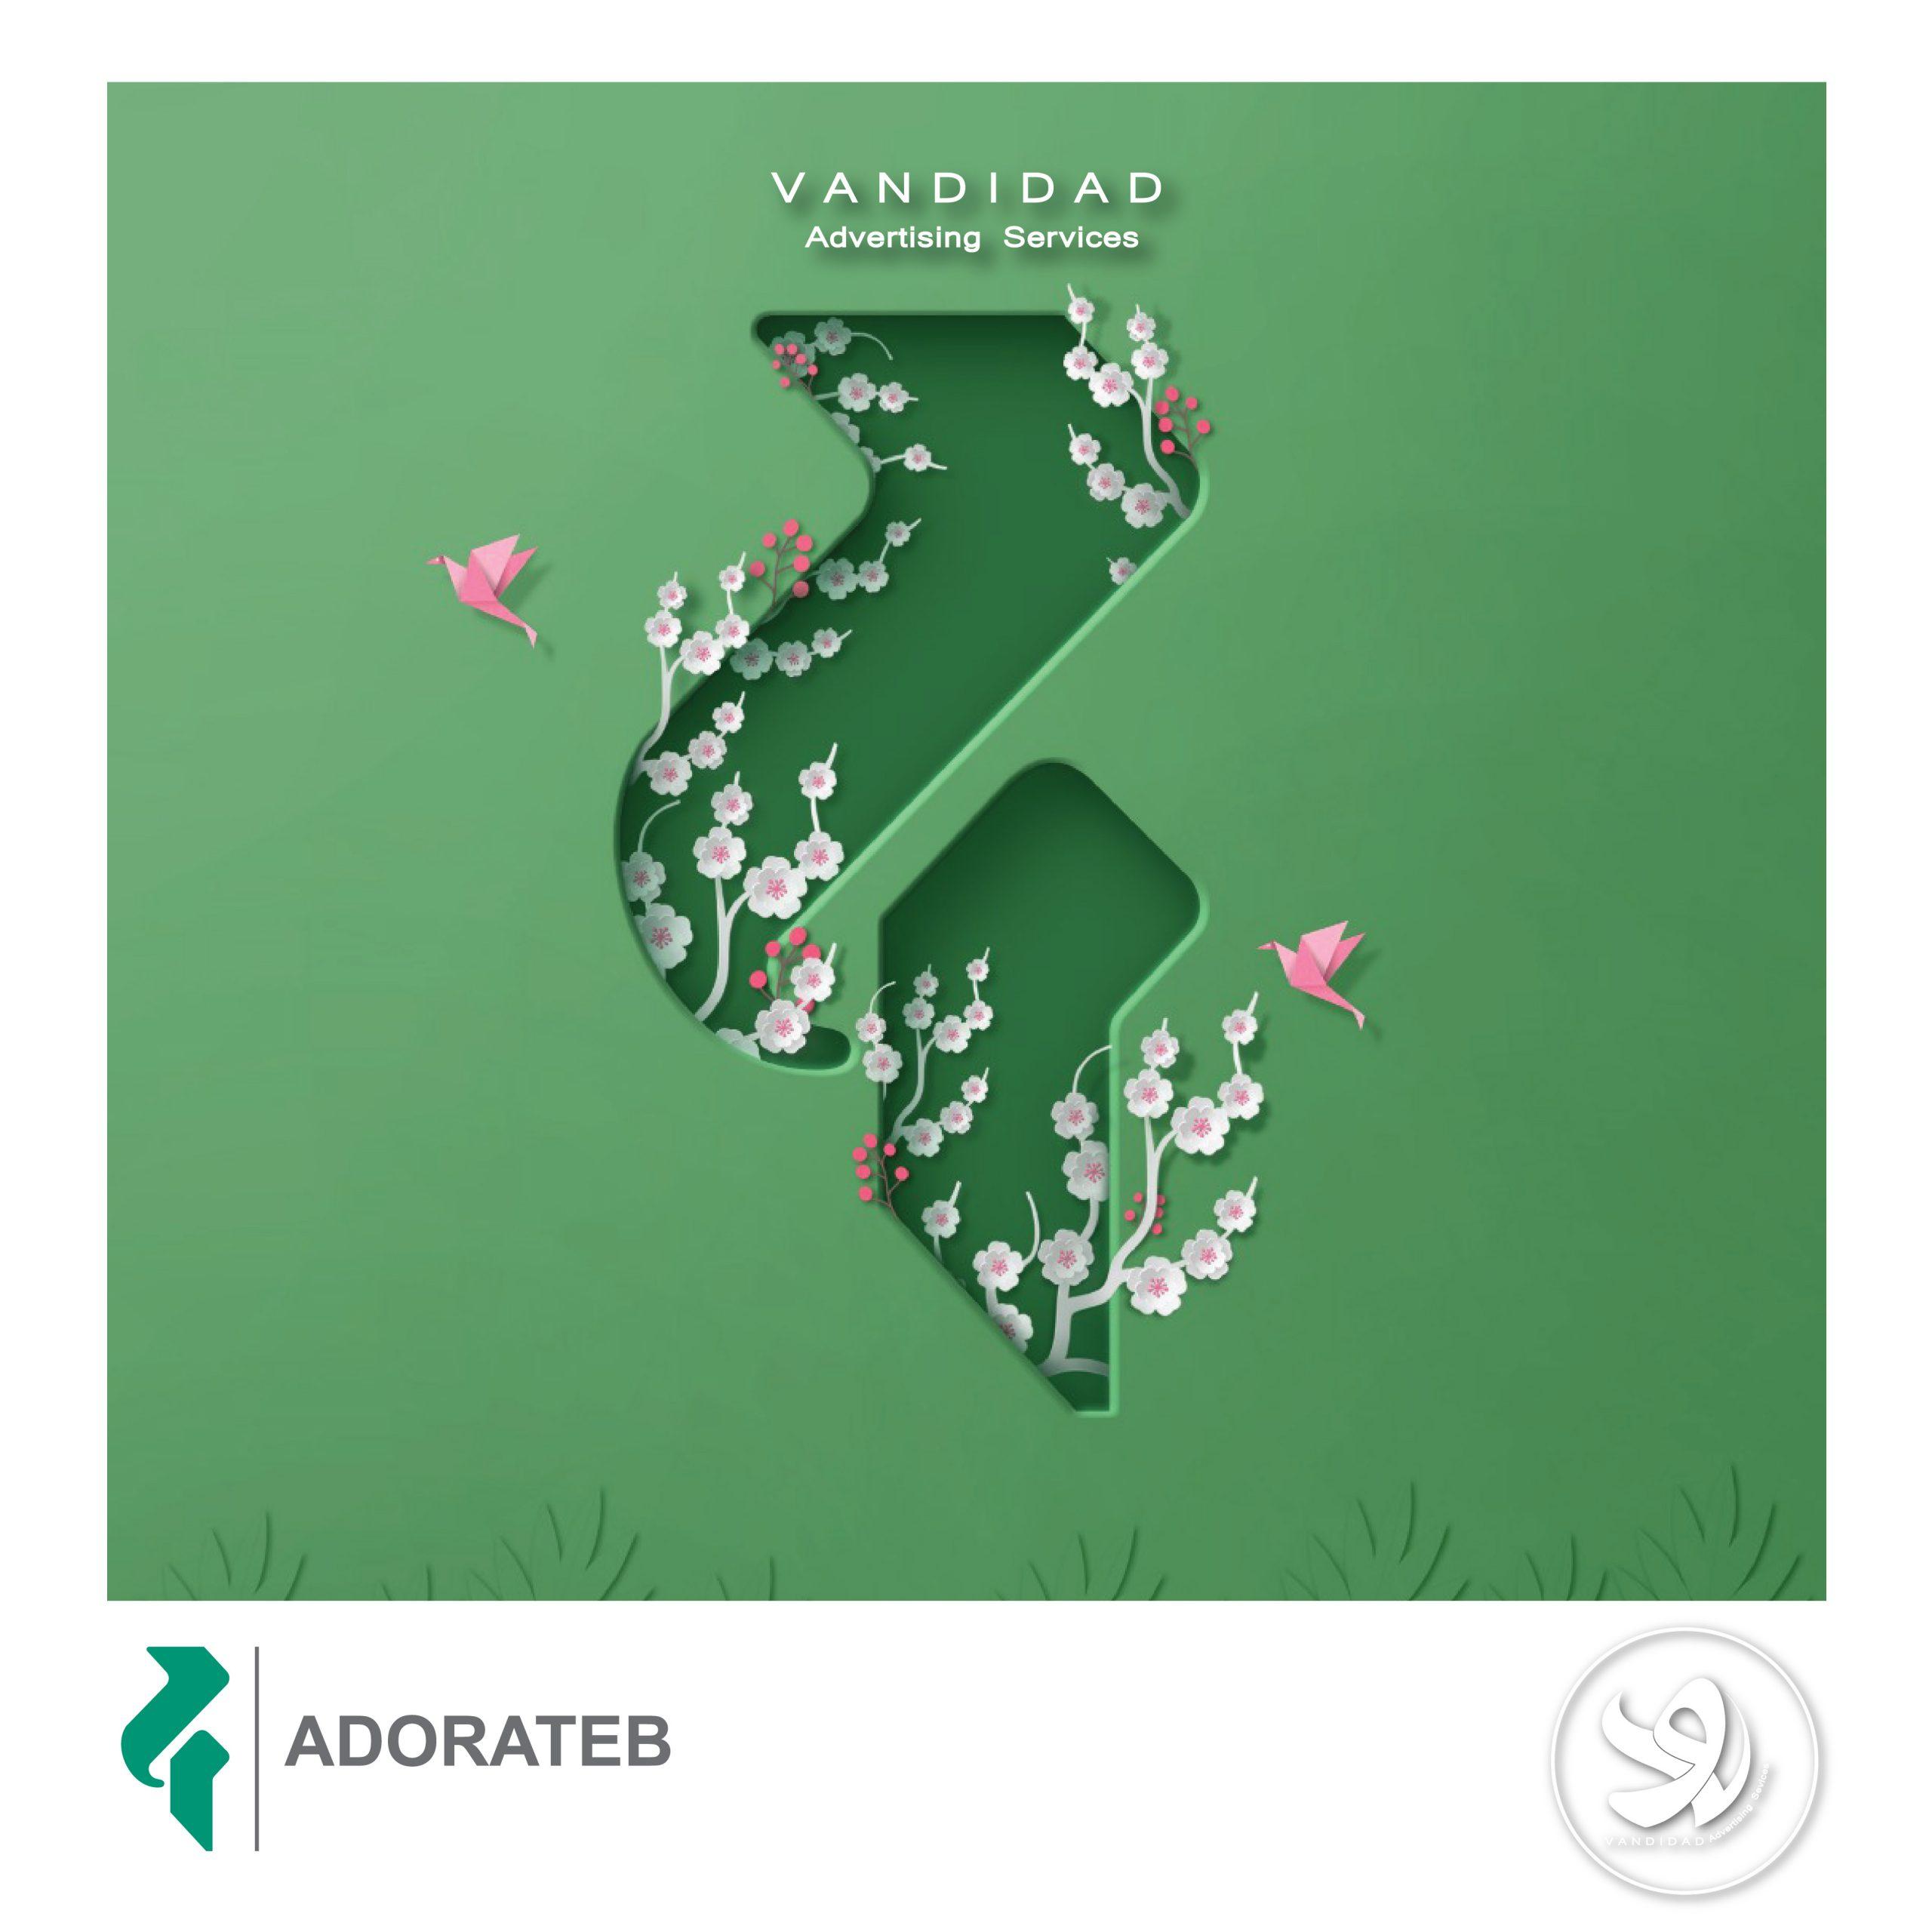 adora insta - 1-2-3-02